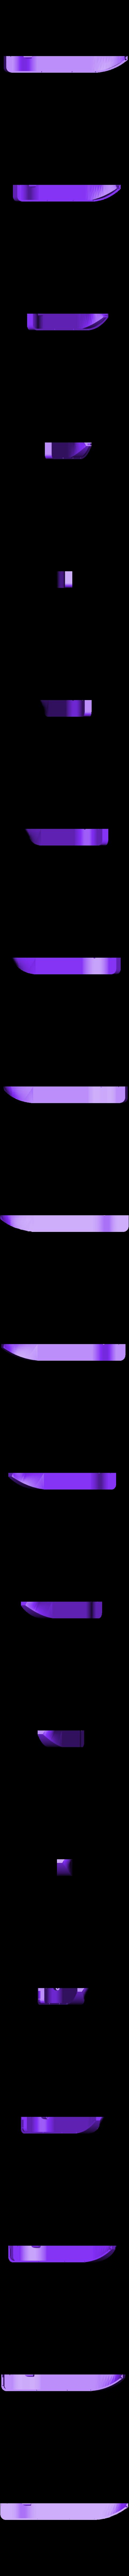 TRUPsoftp.stl Download STL file MONAKO RC MODEL BOAT TUG • 3D printable template, maca-artwork